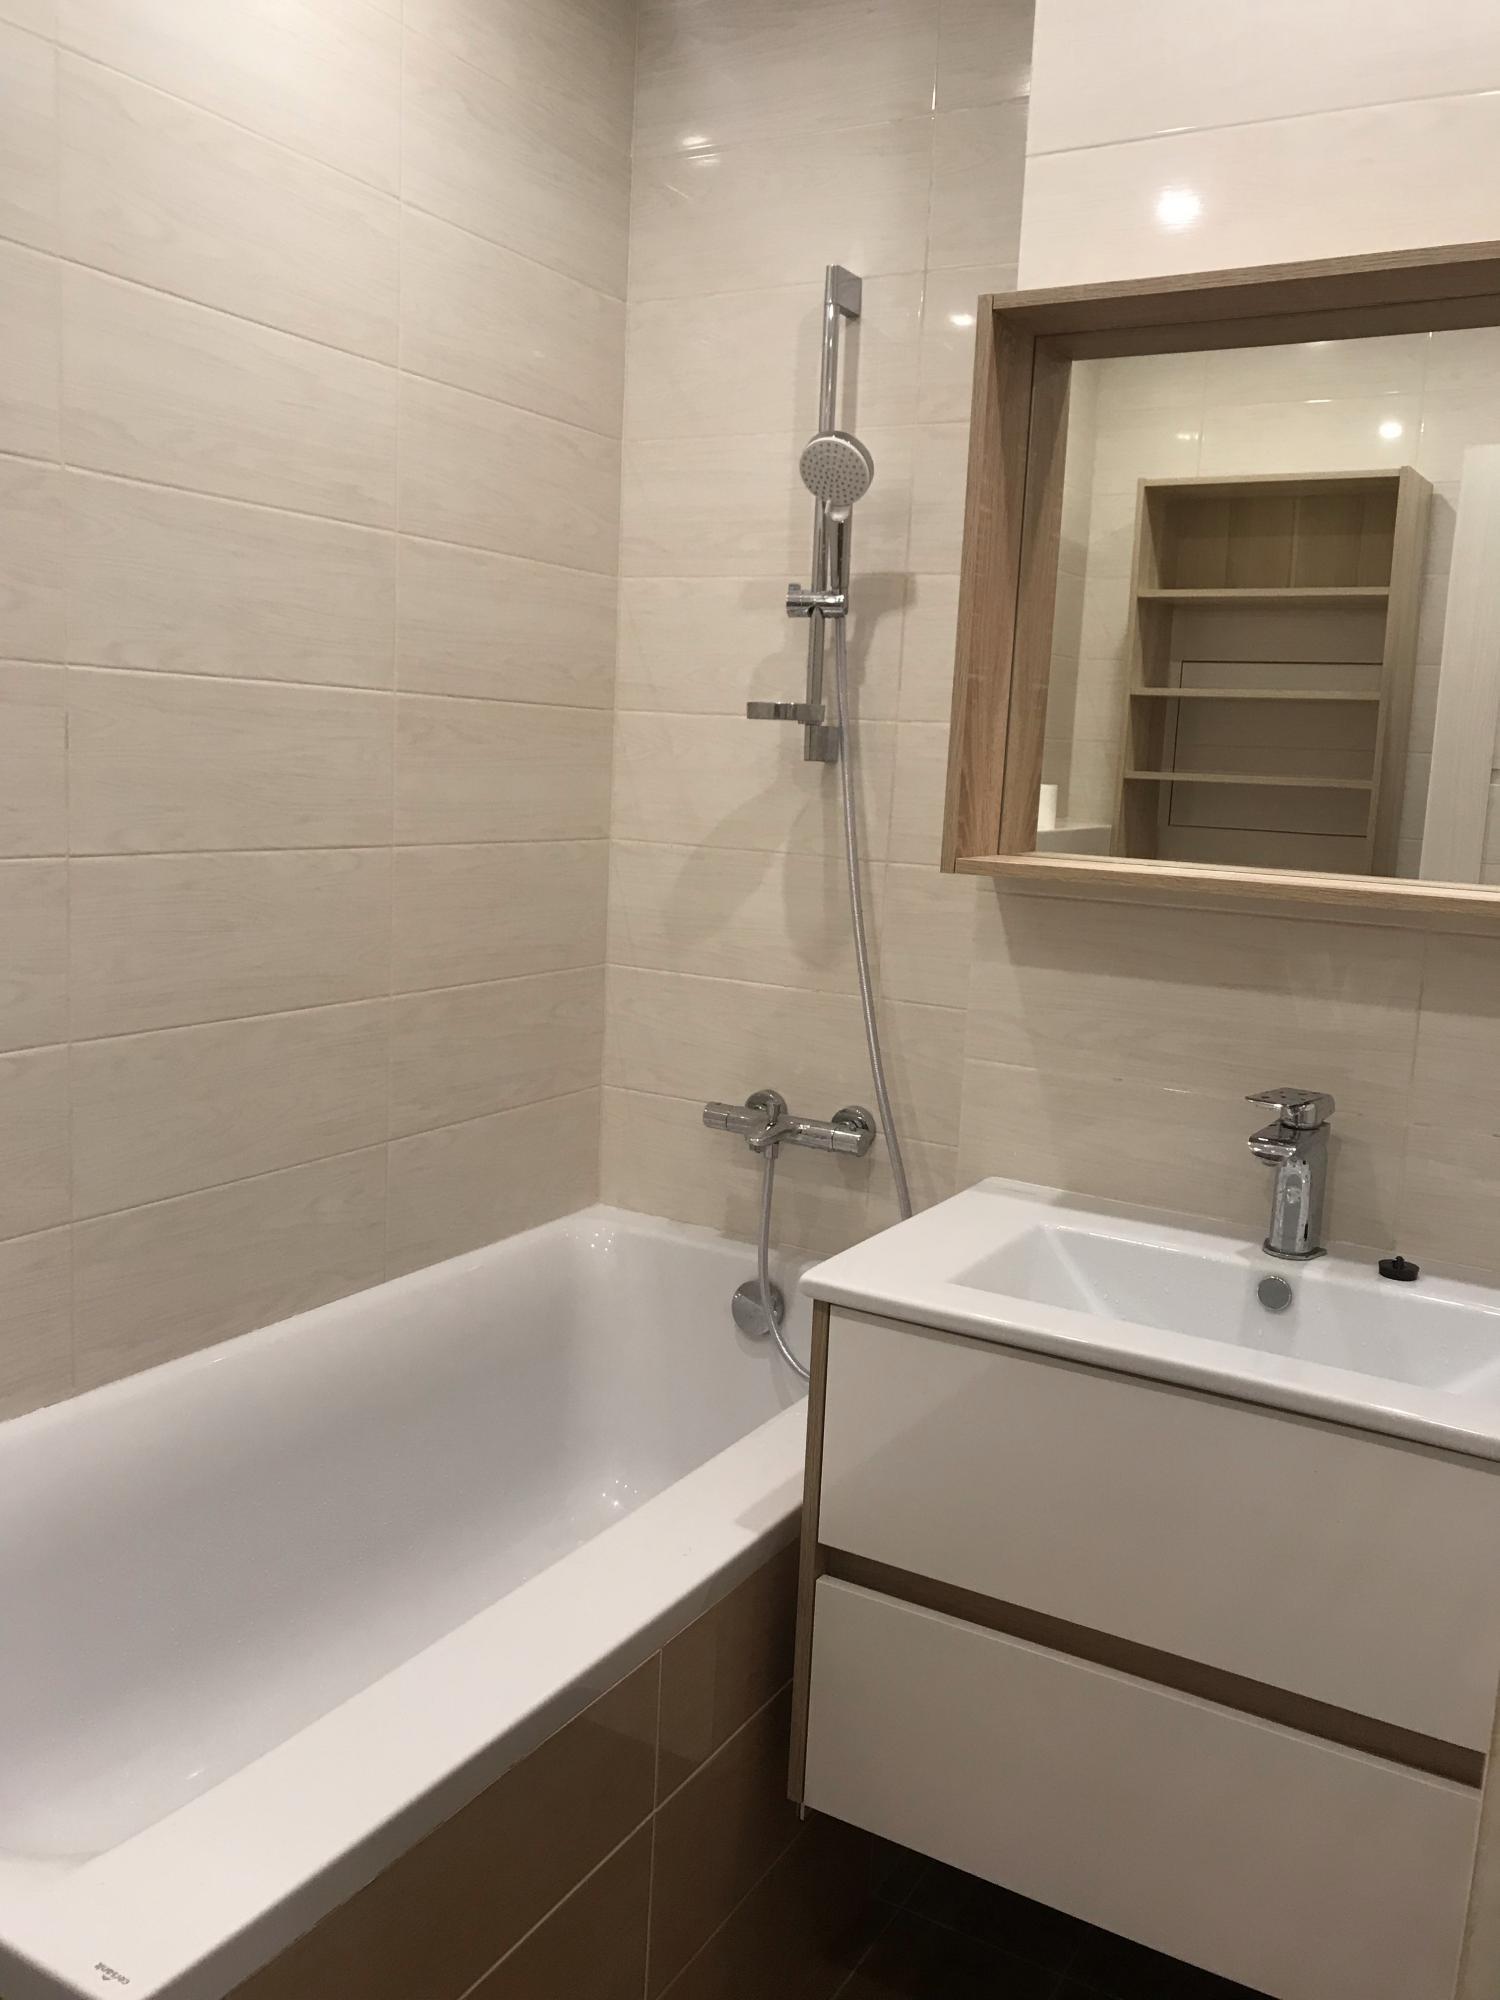 Квартира, студия, 24.5 м² в Домодедово 89035305126 купить 4